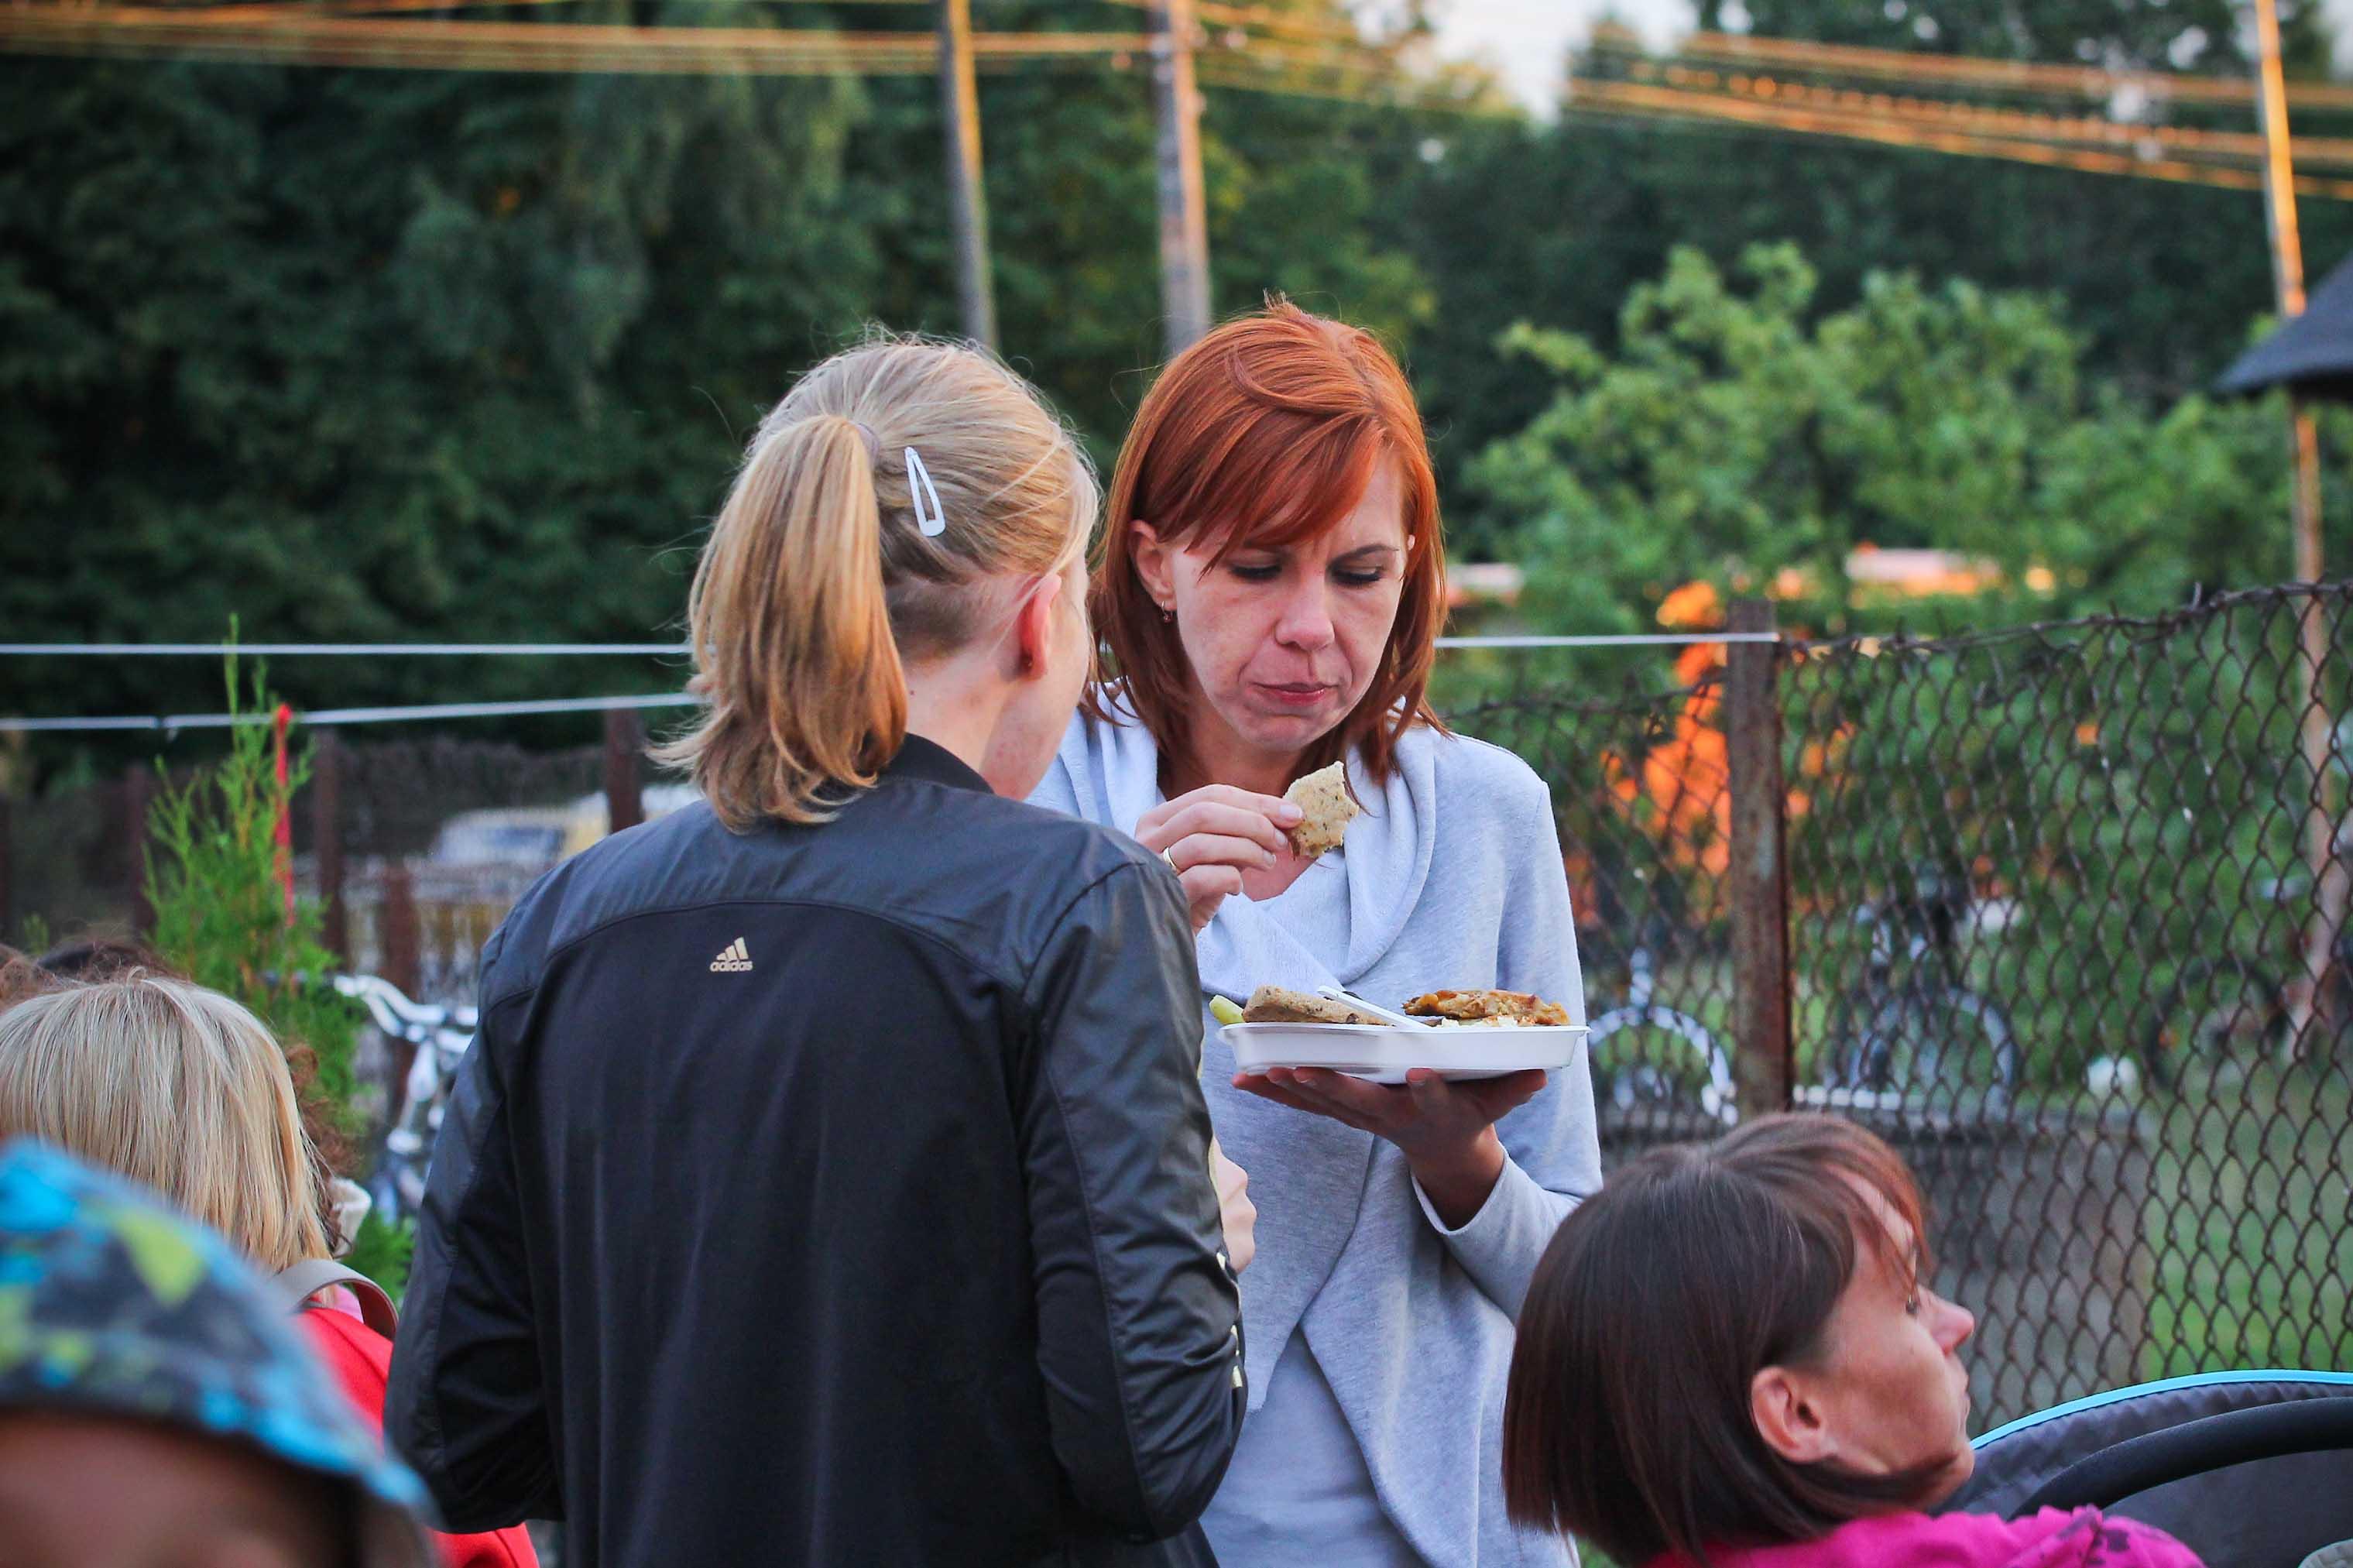 IMG_1030 fot. Olga Wiszenko